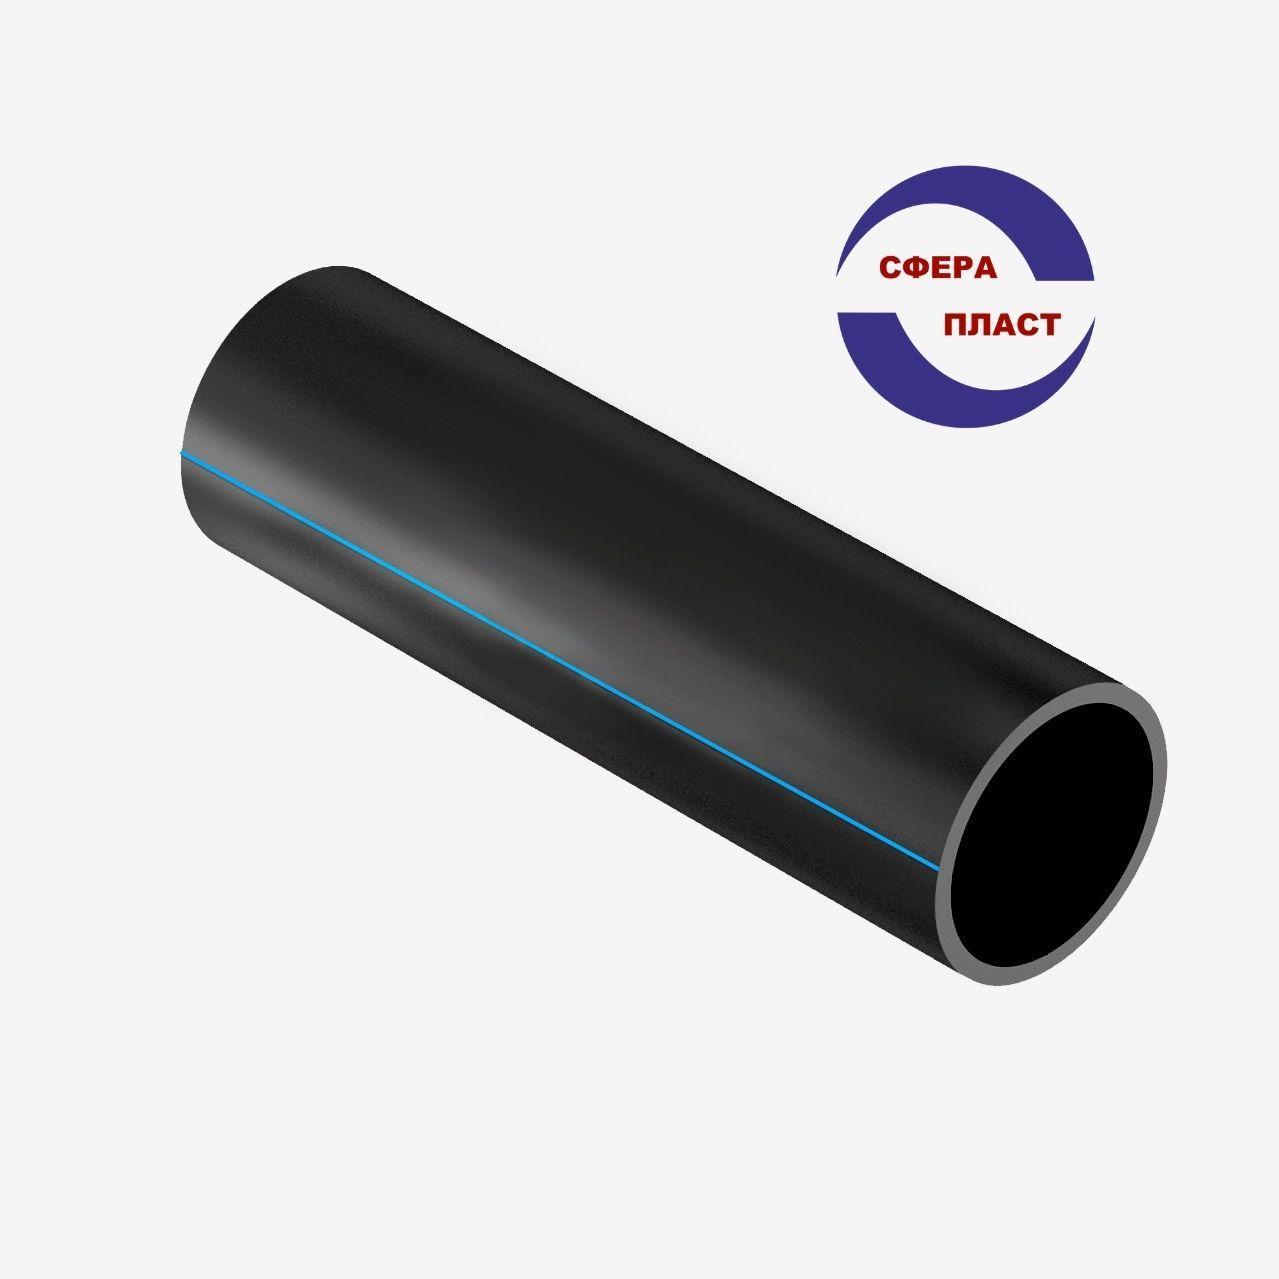 Труба Ду-160x9,5 SDR17 (10 атм) полиэтиленовая ПЭ-100